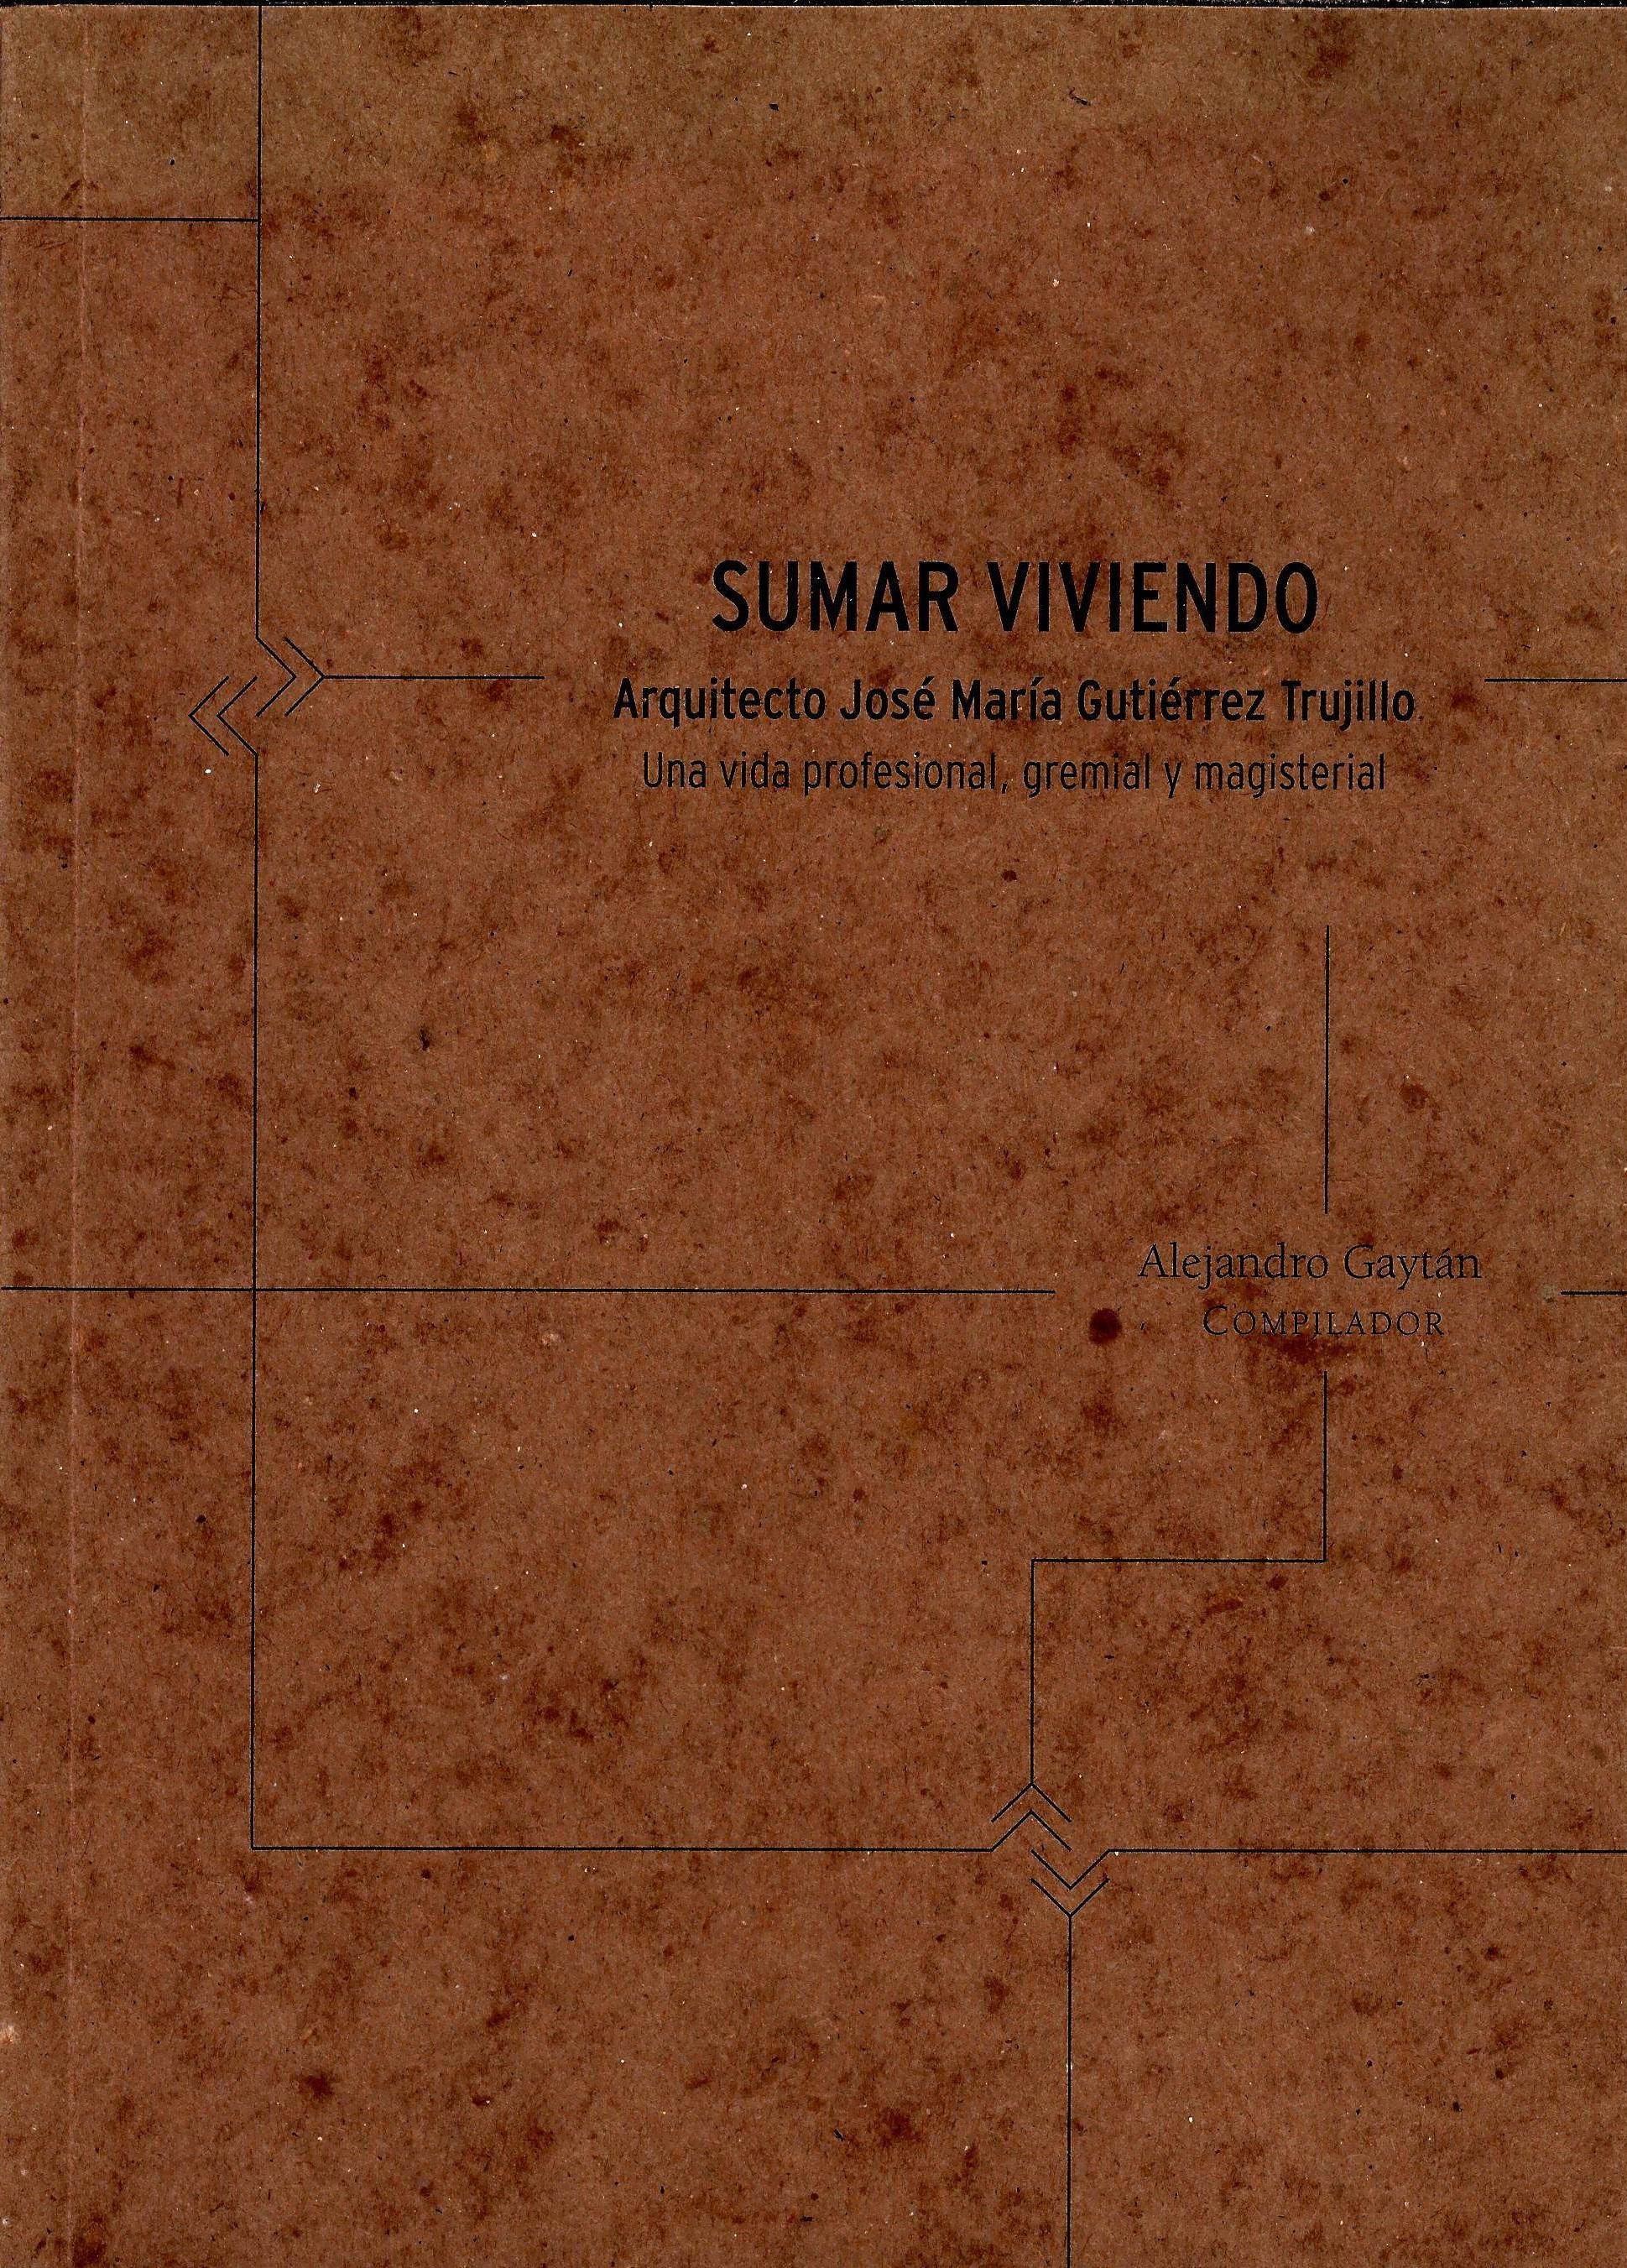 Sumar viviendo. Arquitecto José Gutiérrez Trujillo. Una vida profesional, gremial y magisterial